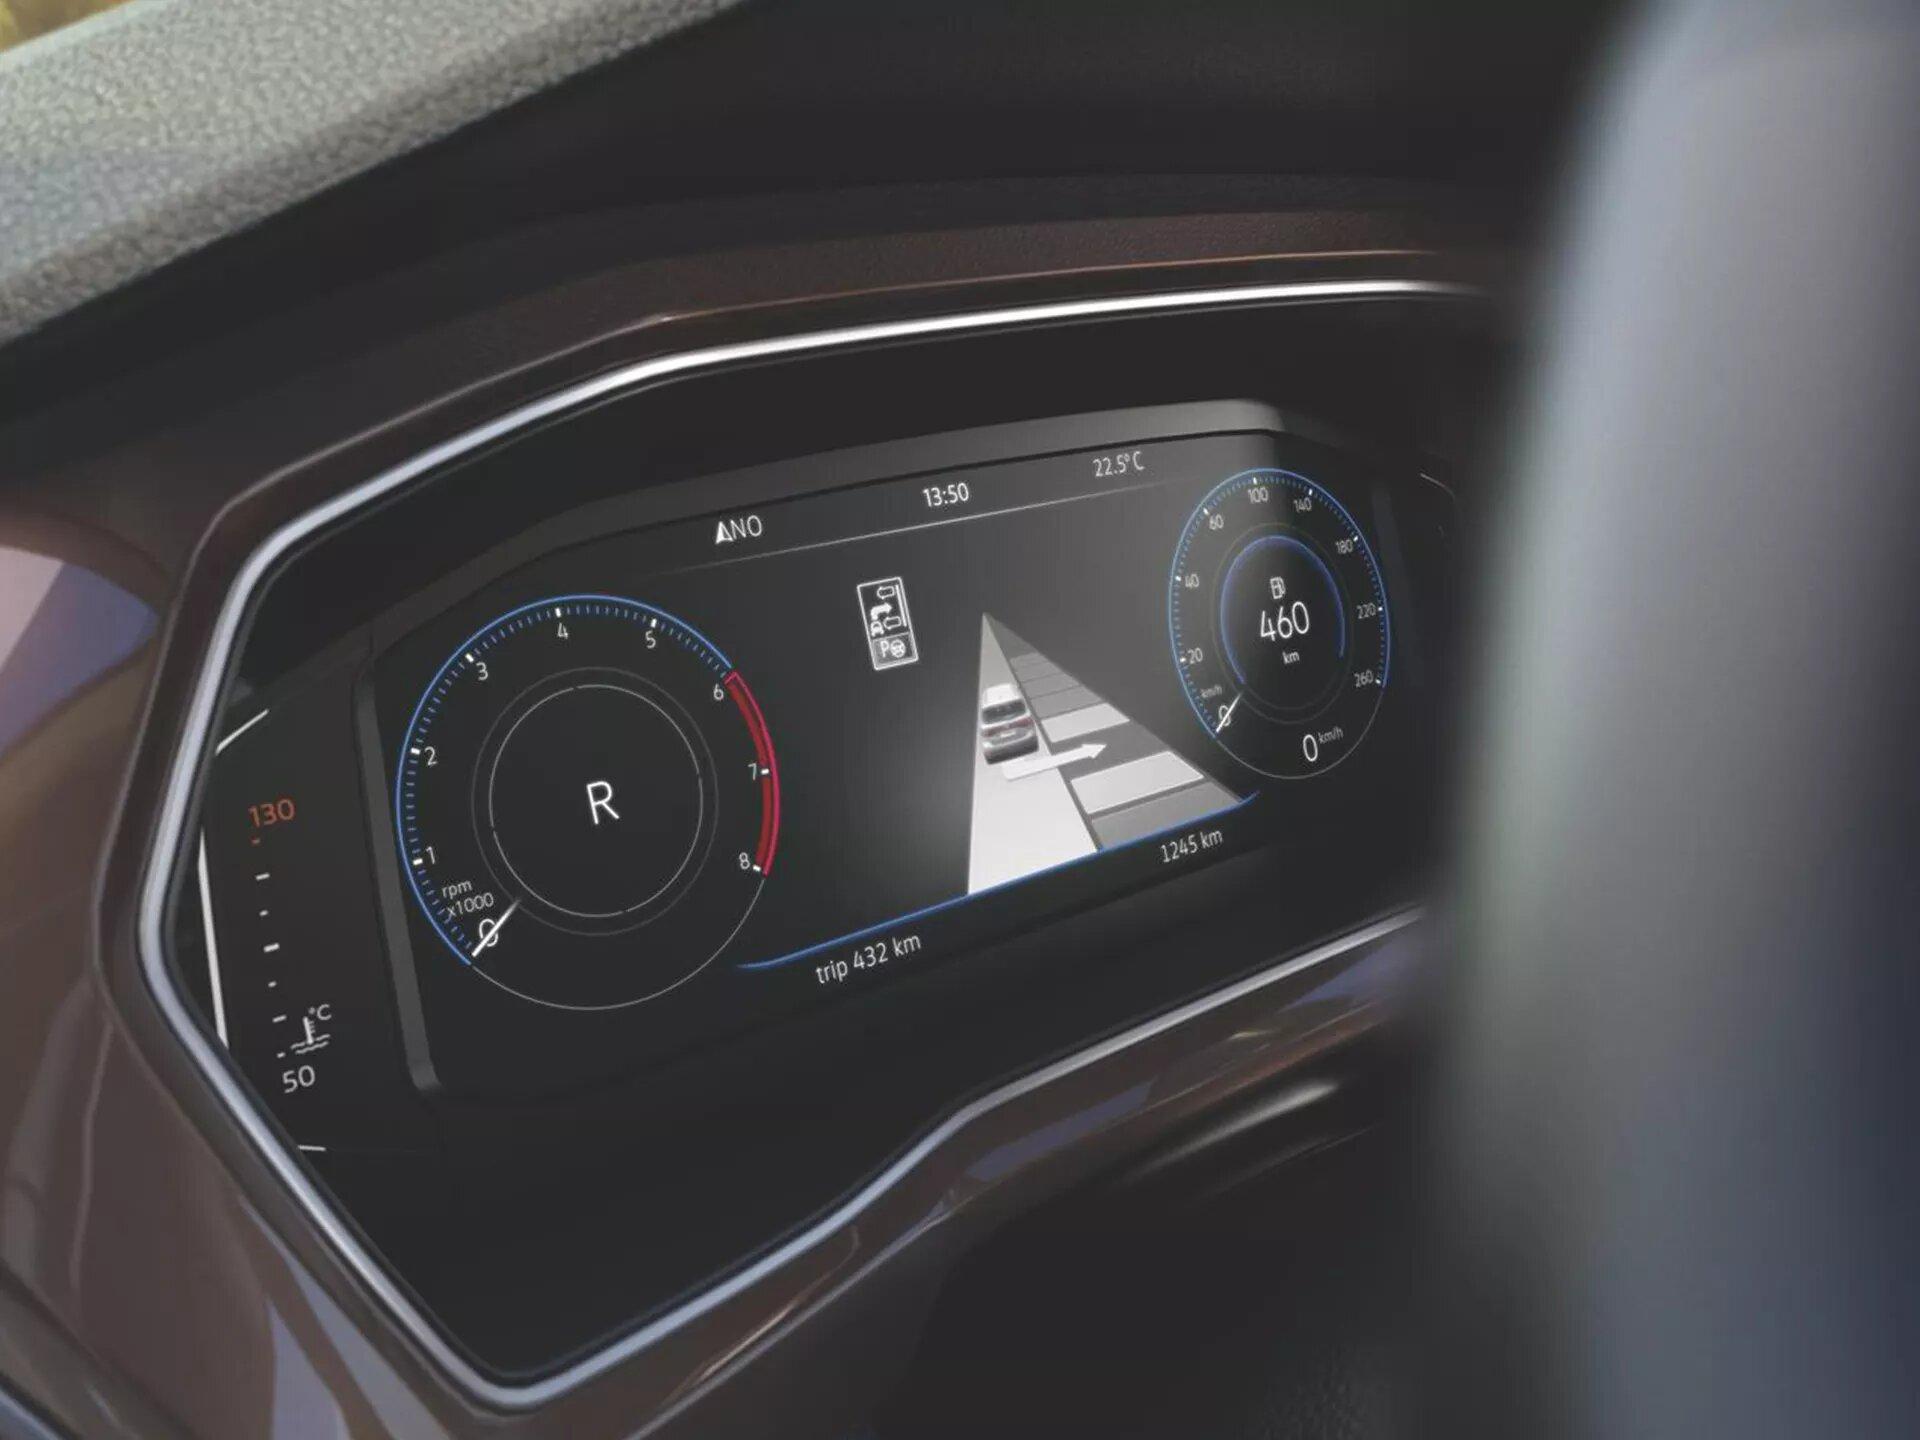 Estacioná fácil y rápido | Nuevo T-Cross | Andina Volkswagen